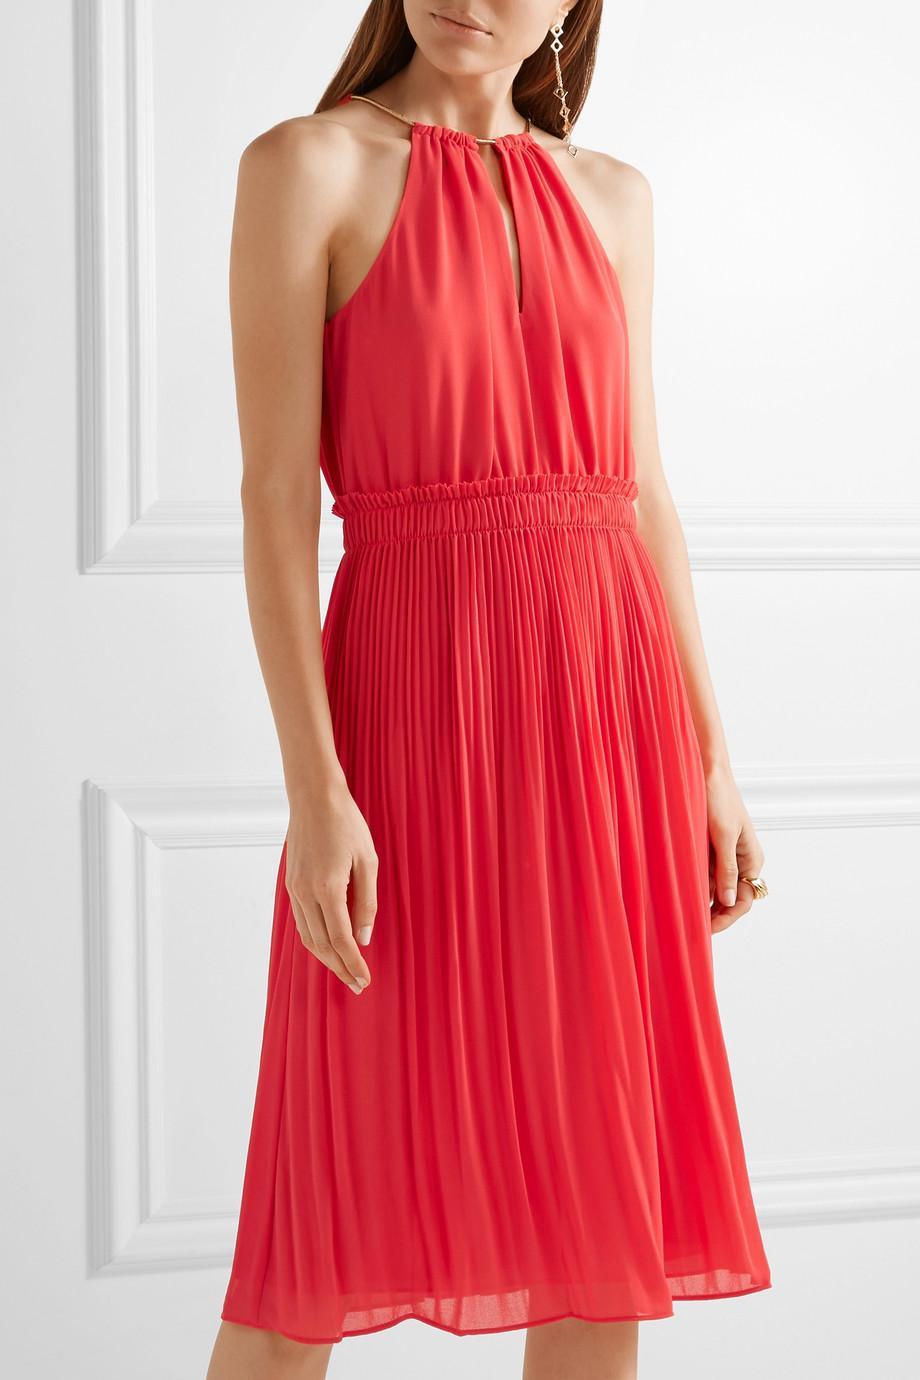 Hayden Chain-embellished Georgette Dress - Red Michael Kors B4iS4uHViP